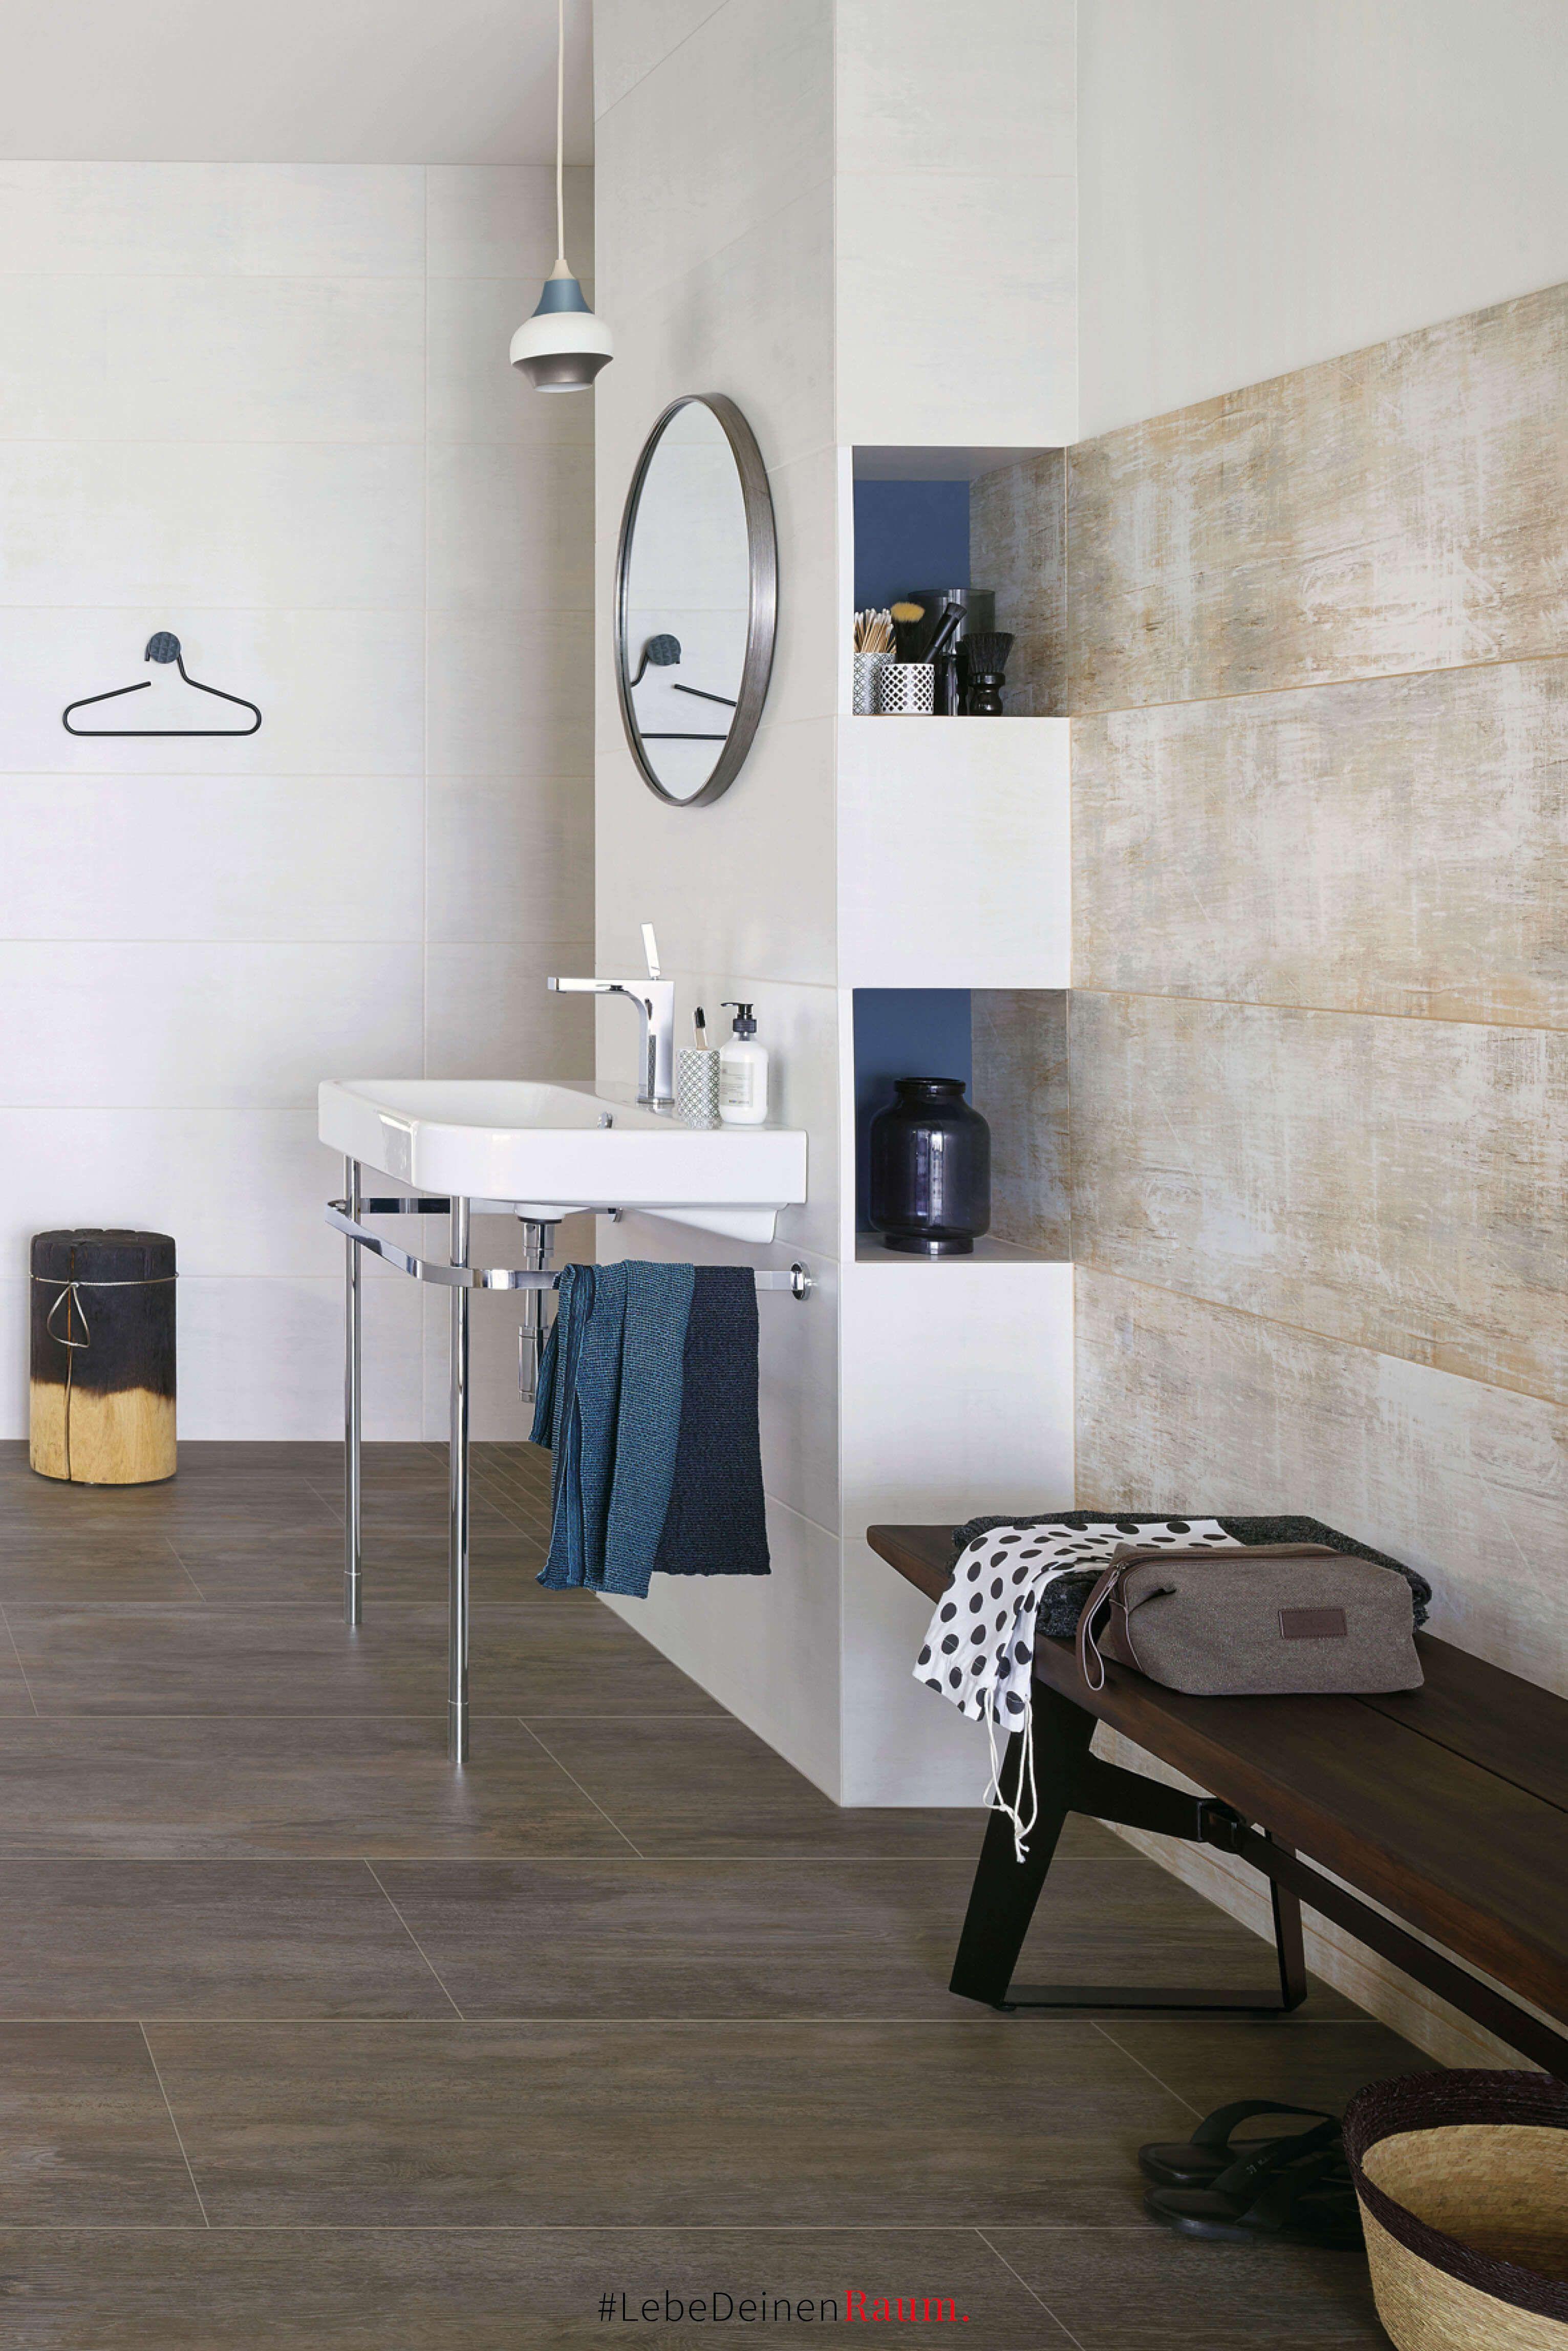 Edle Holzoptik Und Malerisches Dekor Im Badezimmer Wie Gemalt